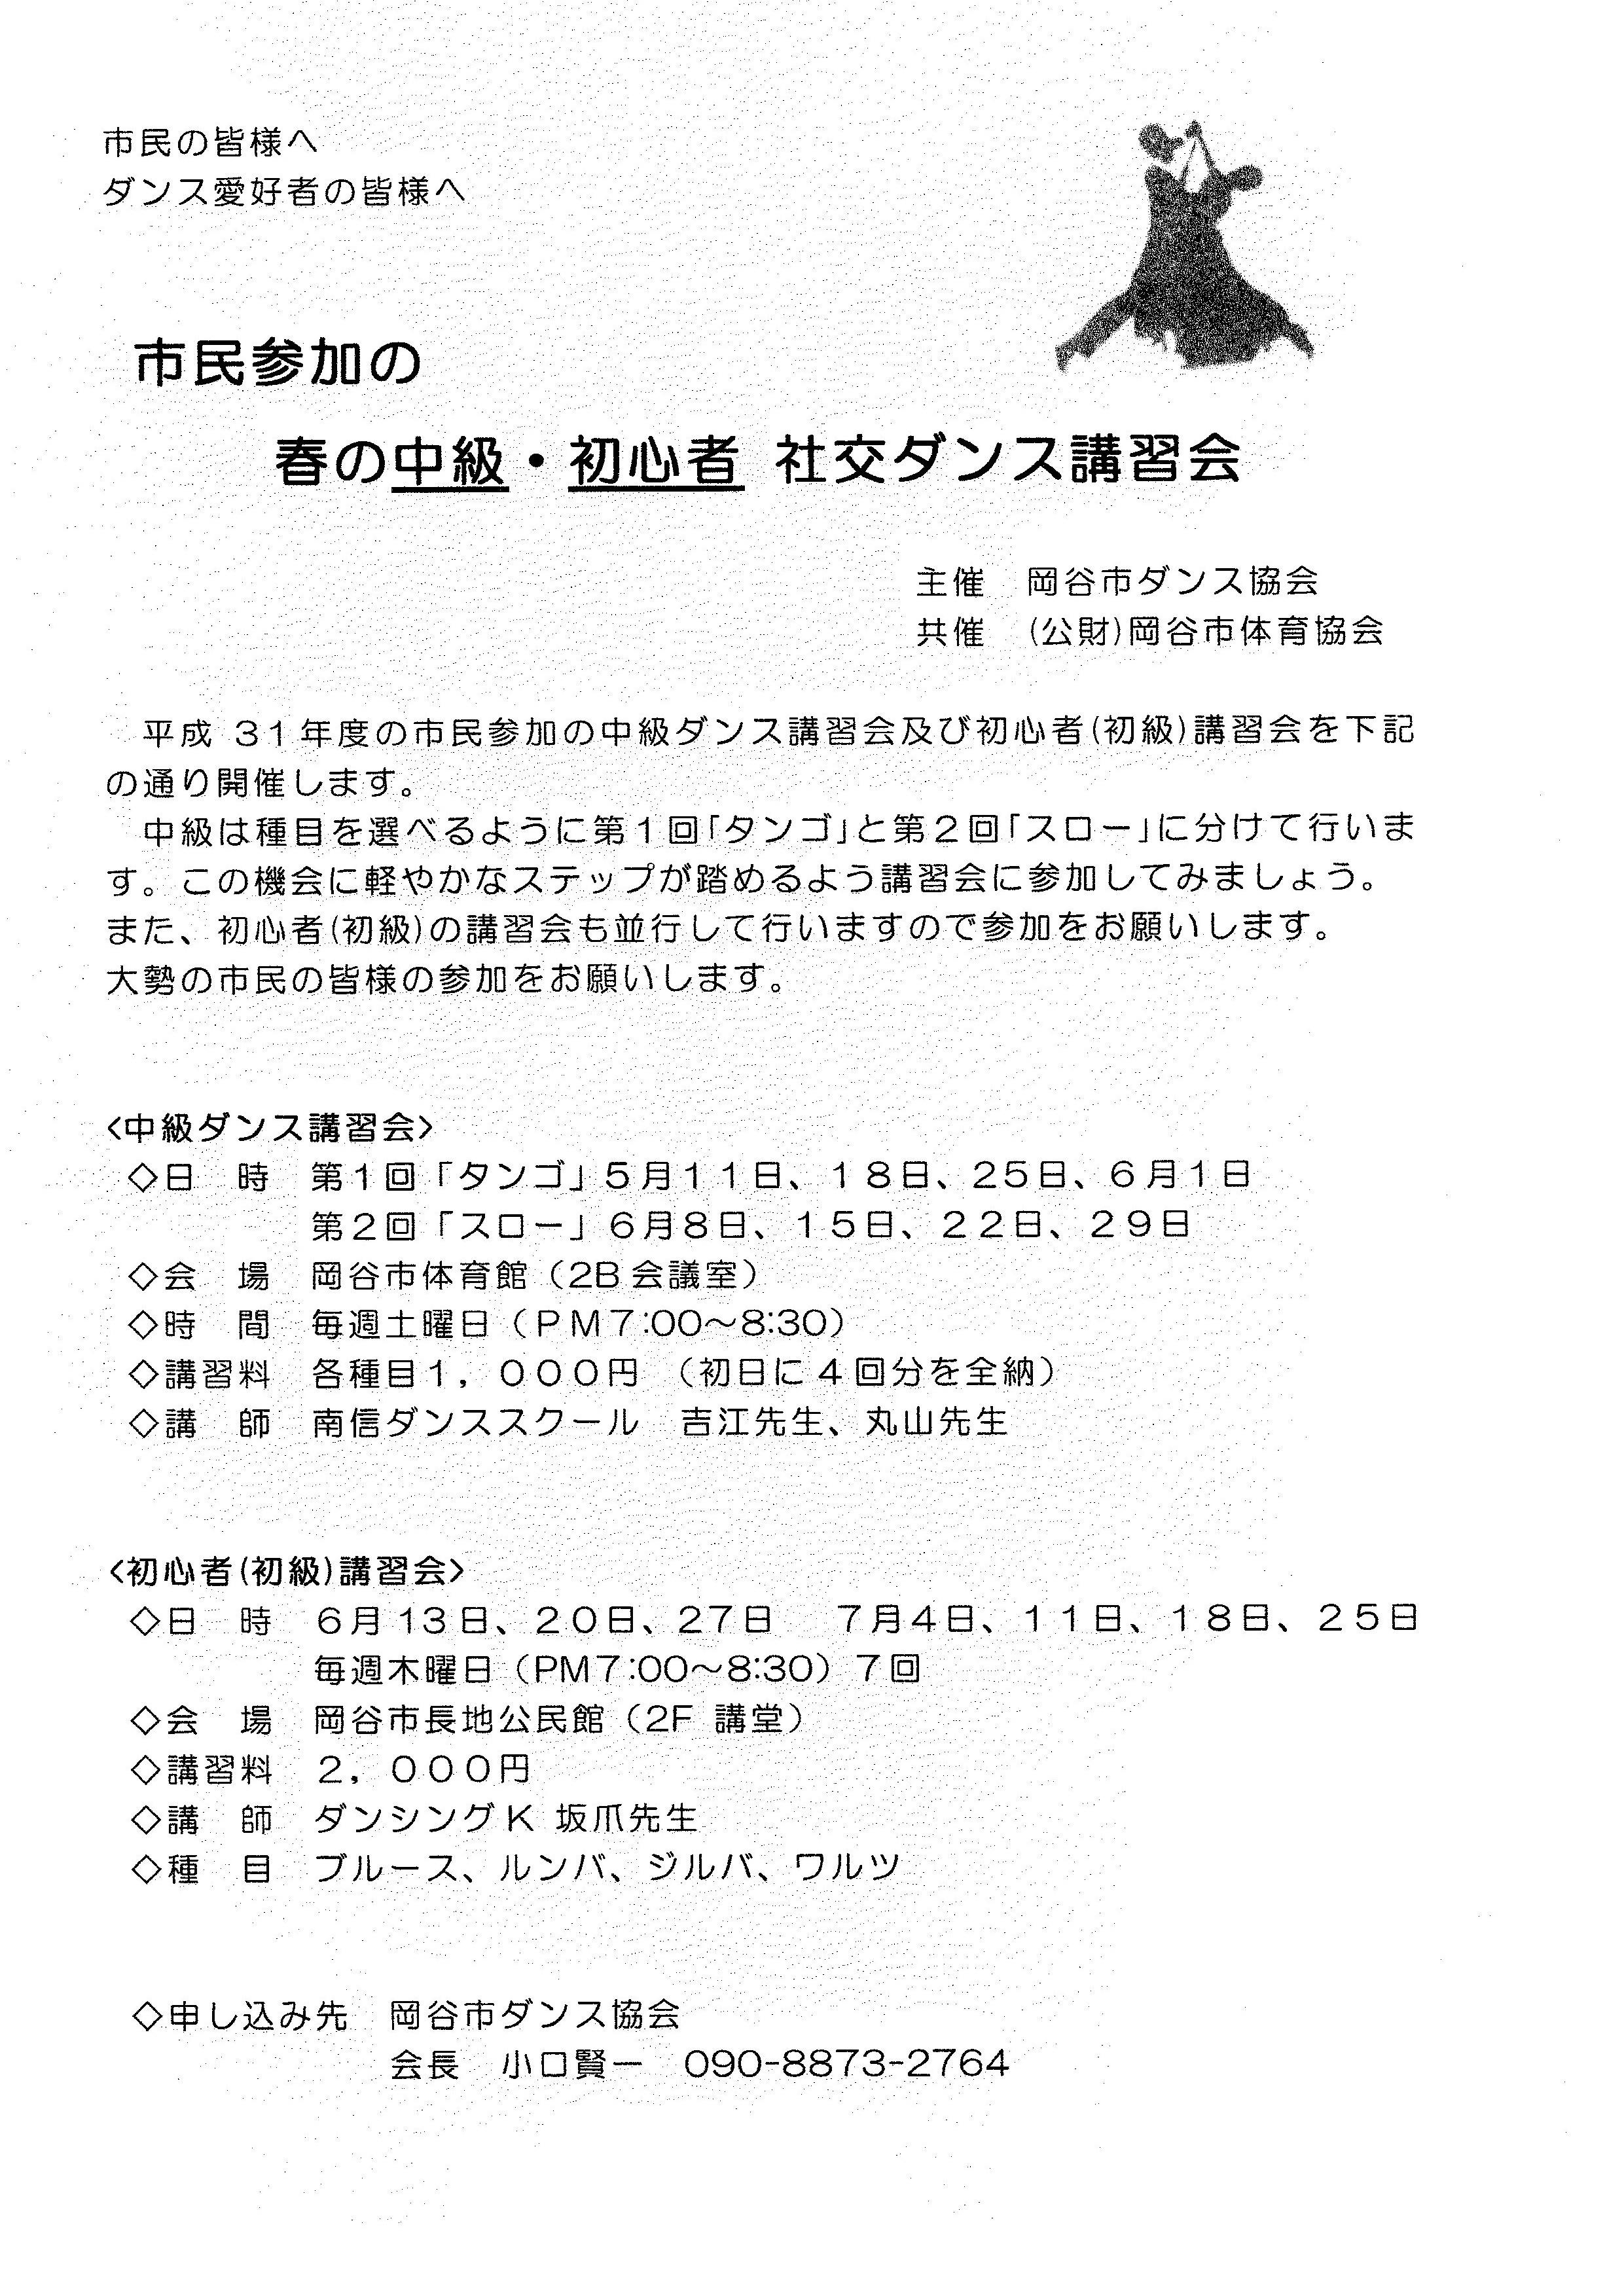 taikyochirashi2019-5-1.jpg